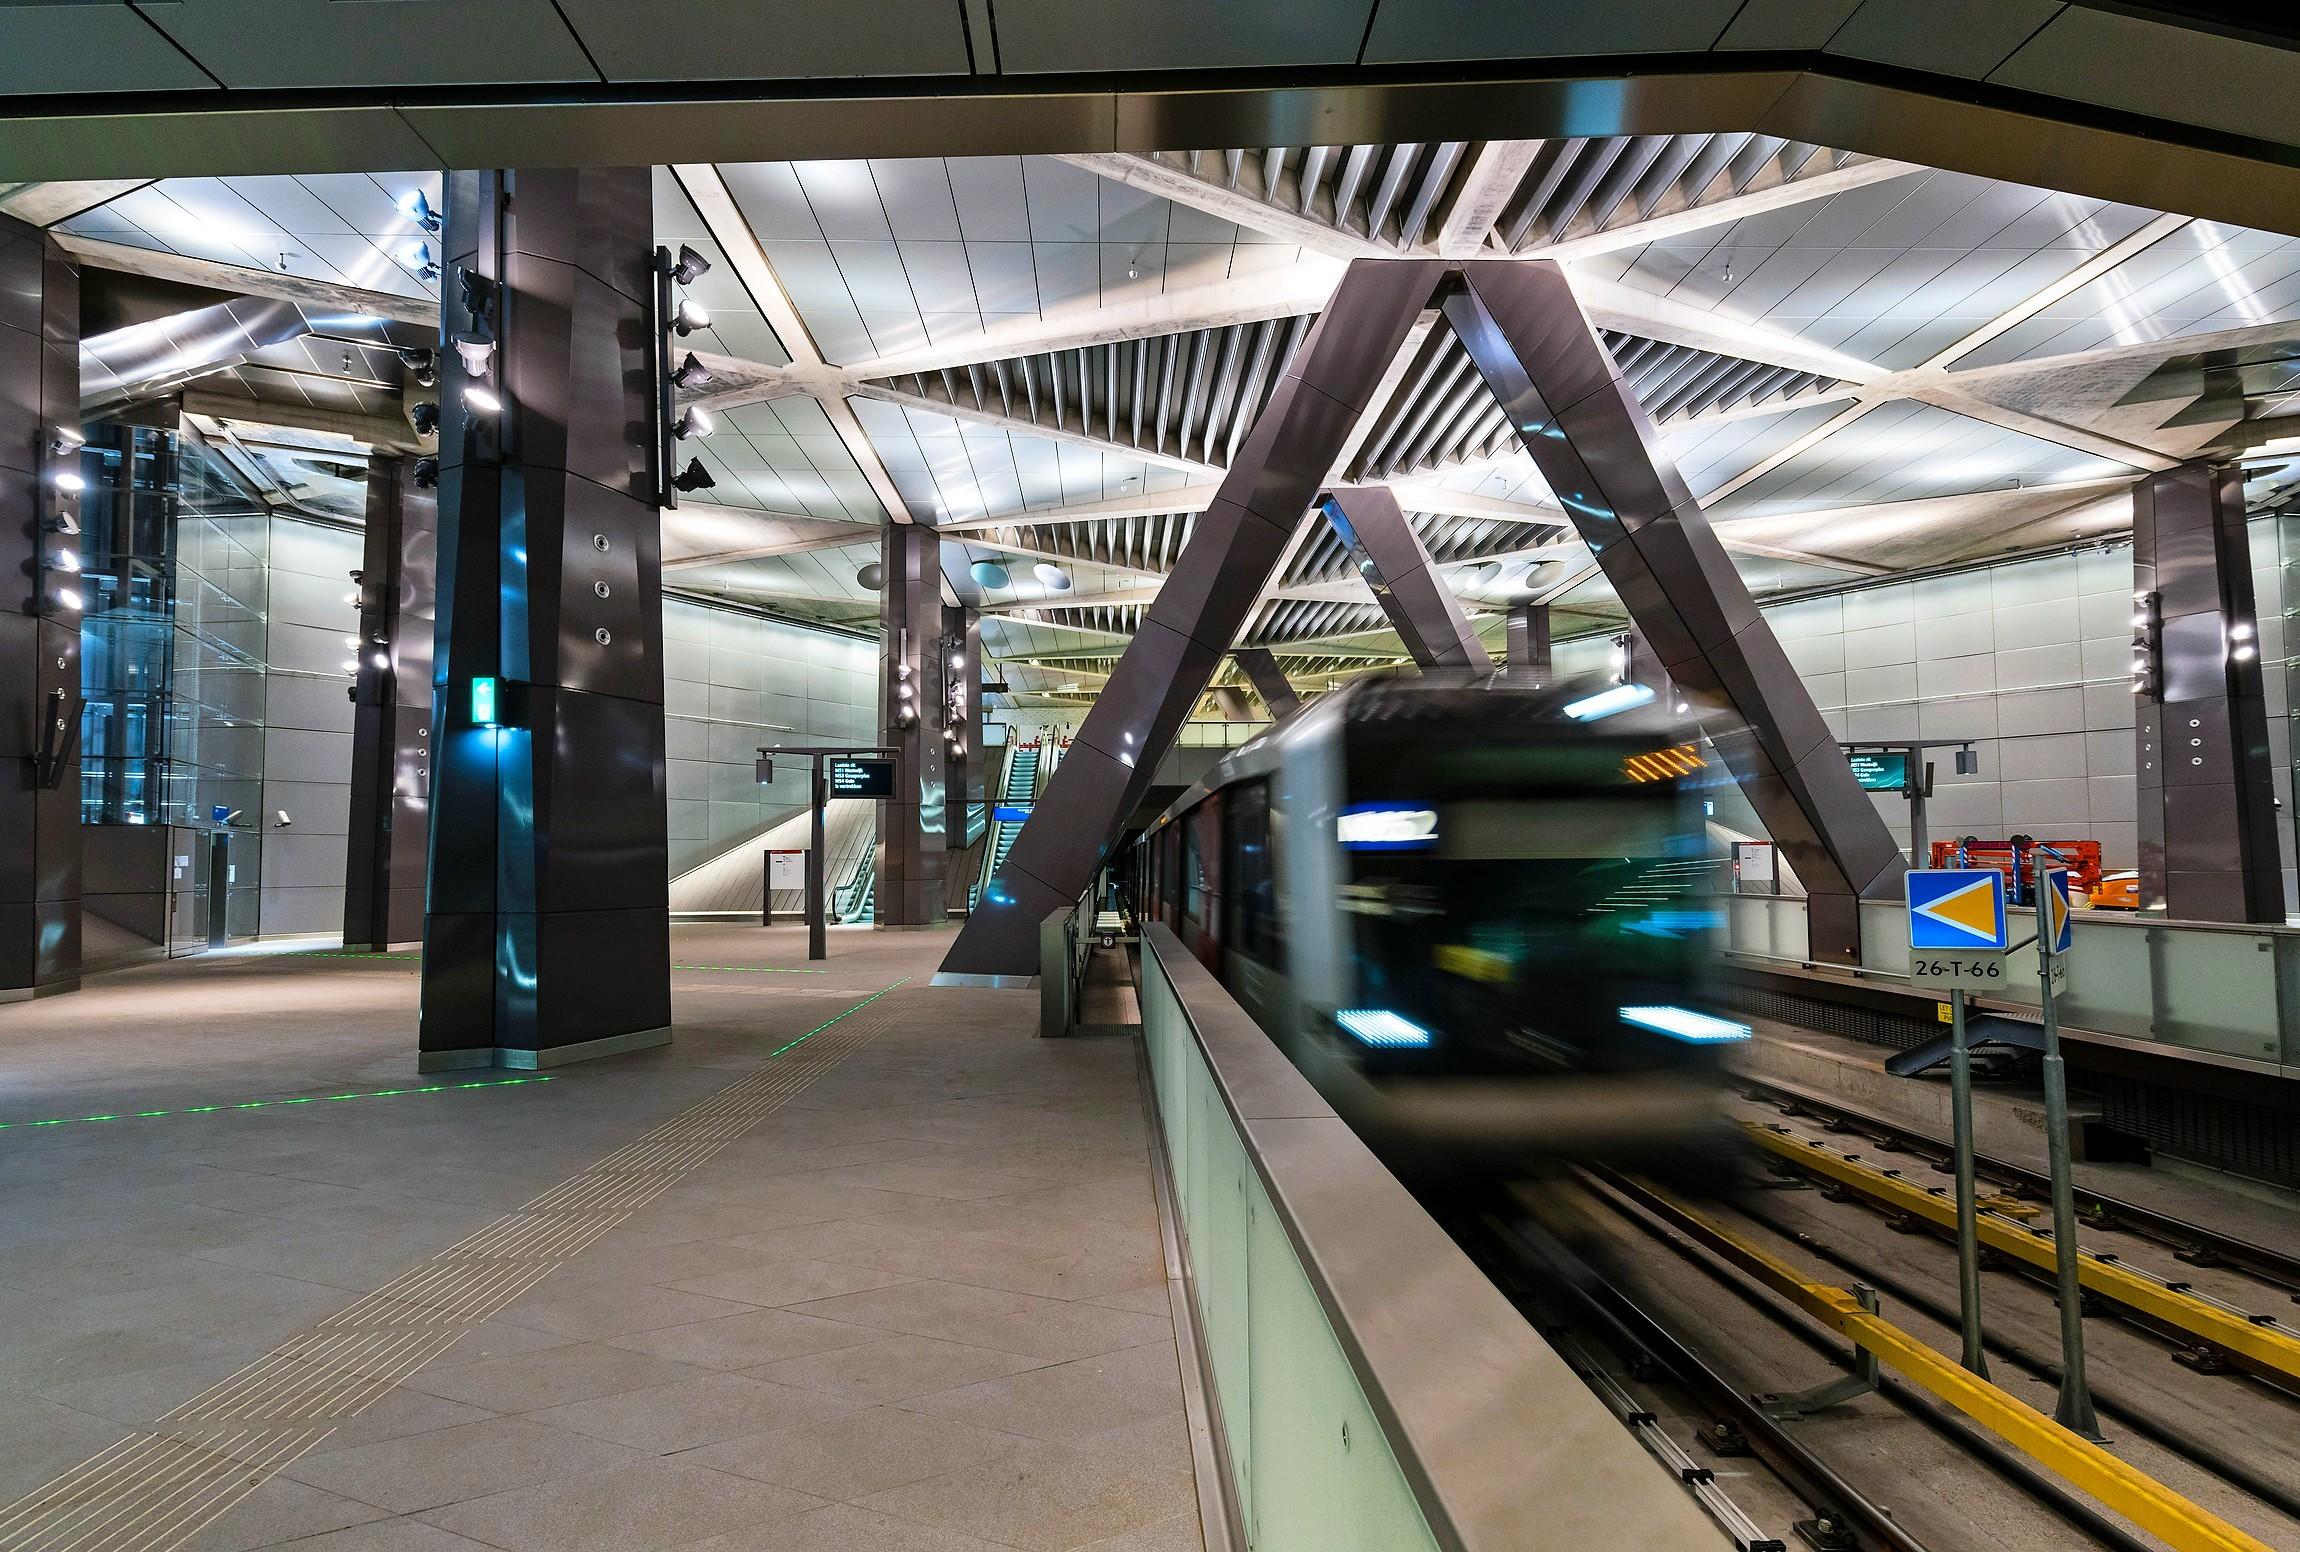 Halte Centraal Station van lijn 52, oftewel de Noord-Zuidlijn.